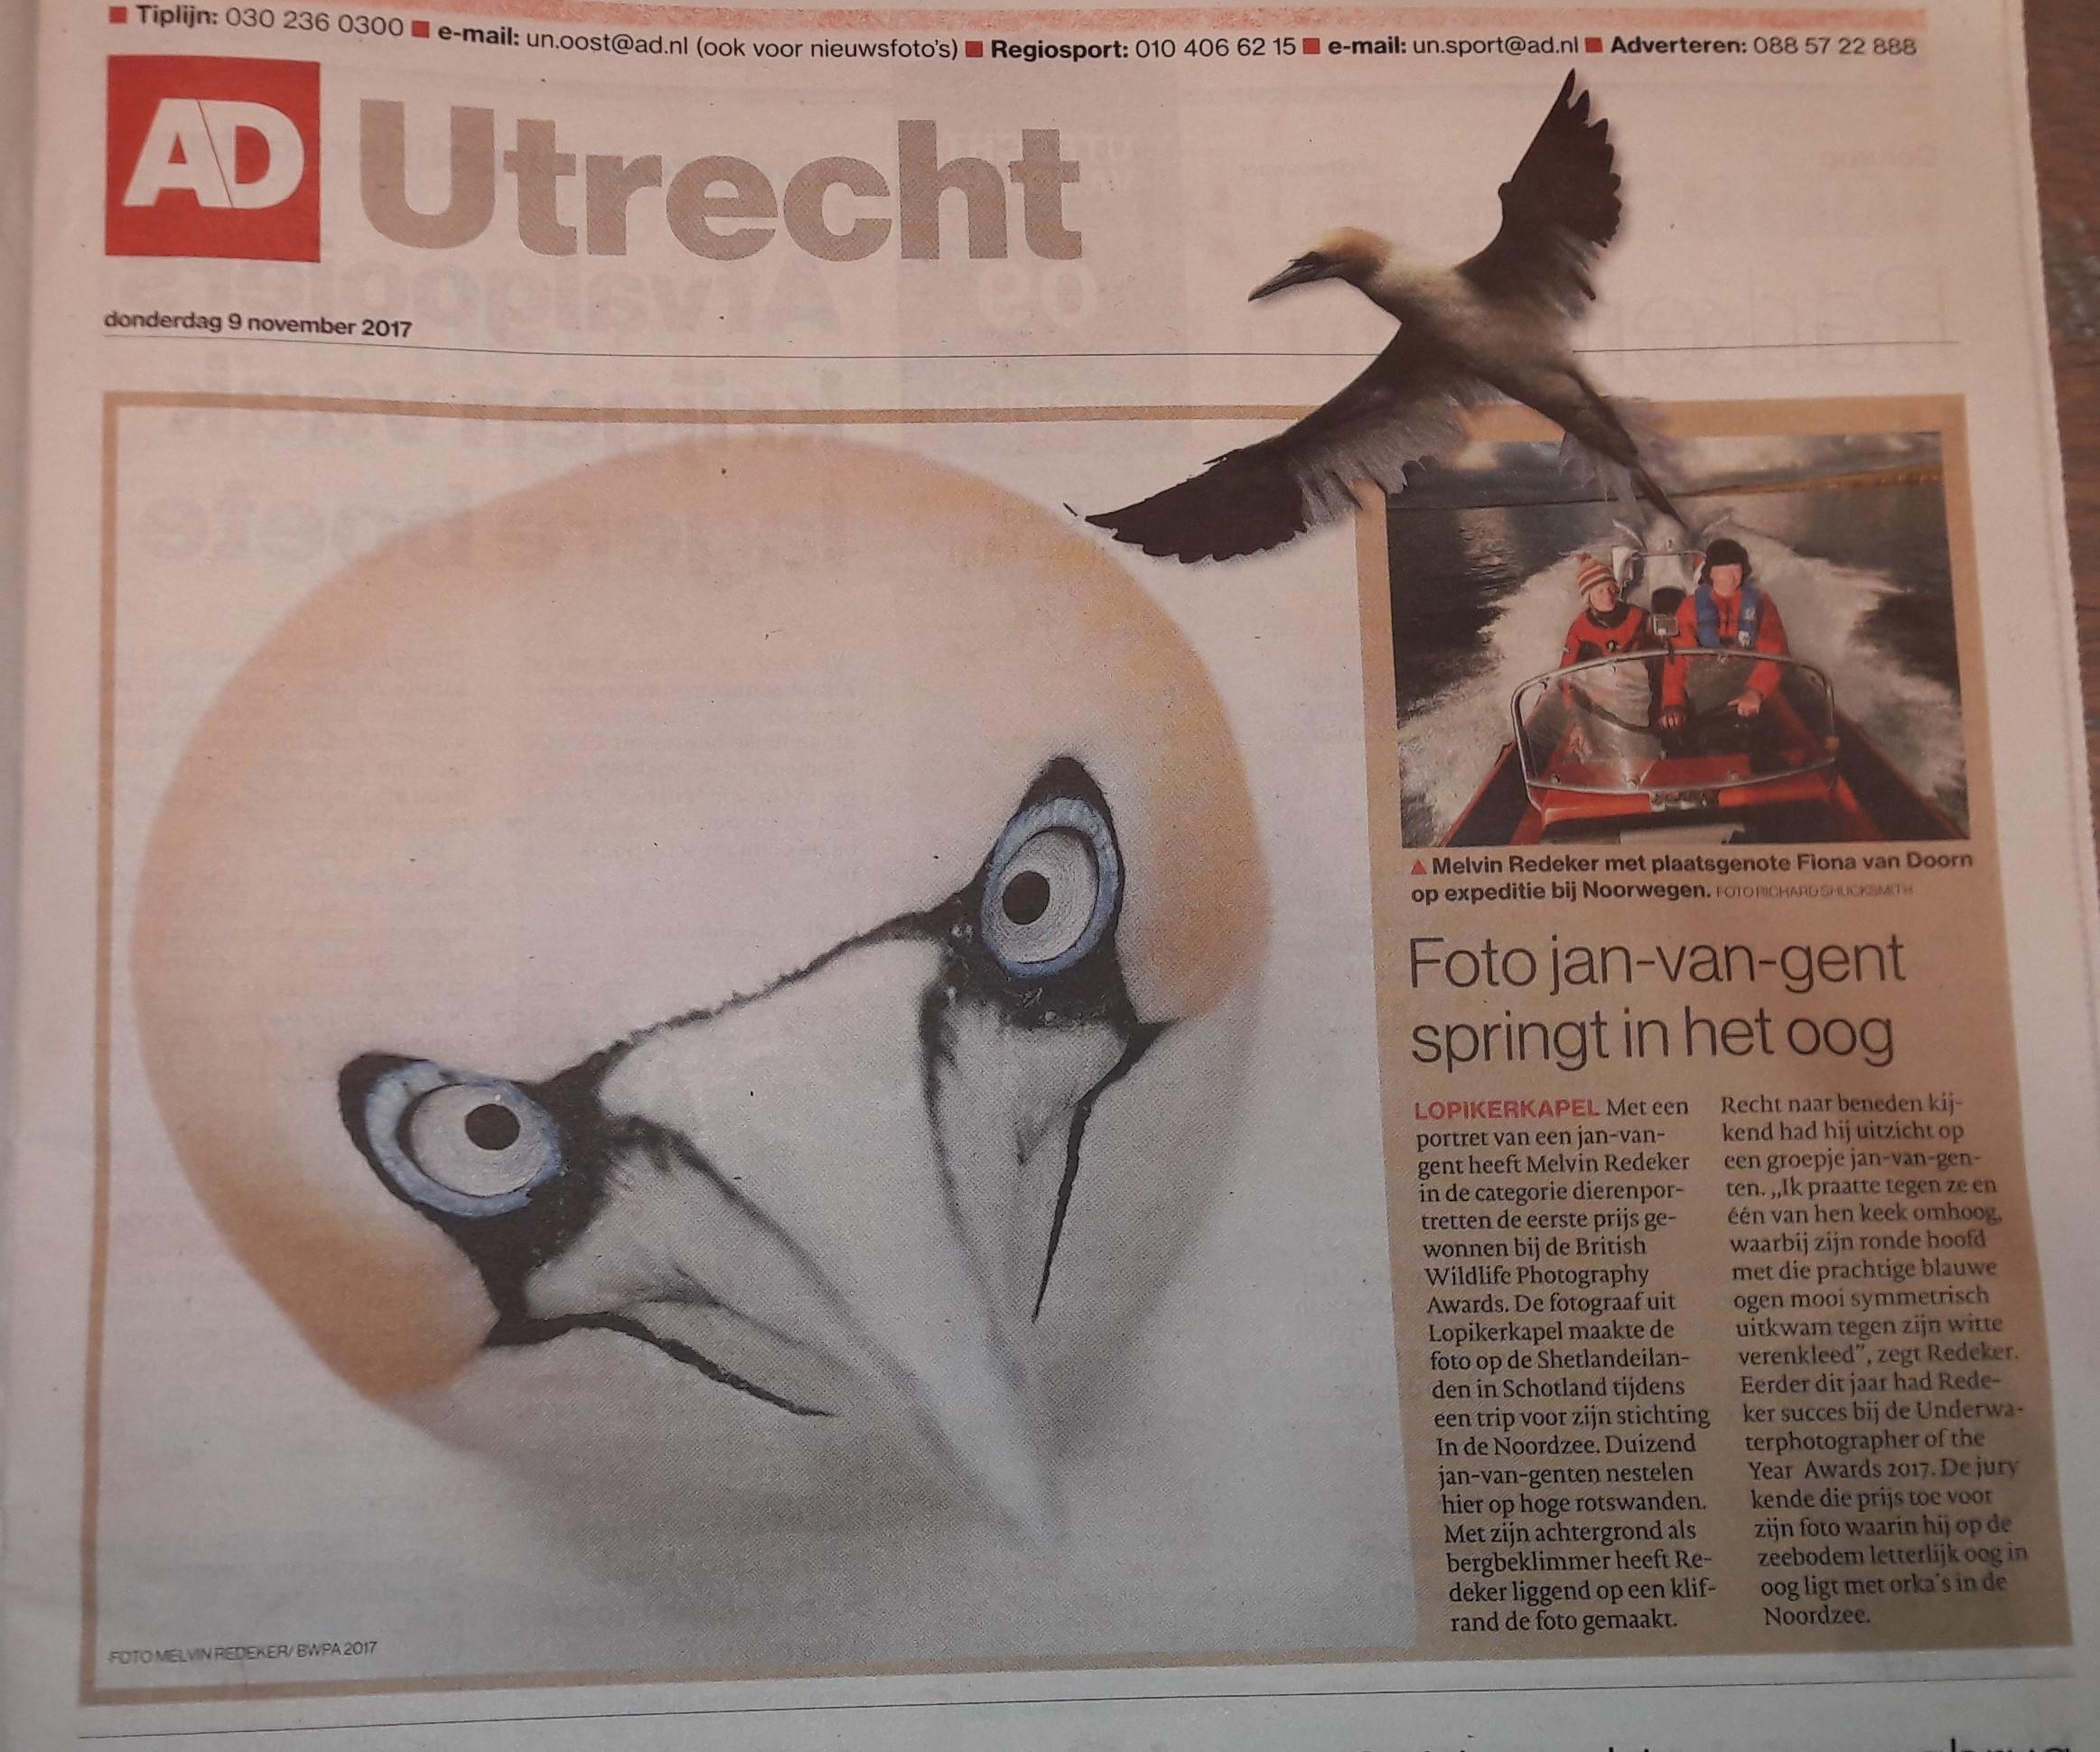 Winnende foto jan-van-gent In de Noordzee in het AD